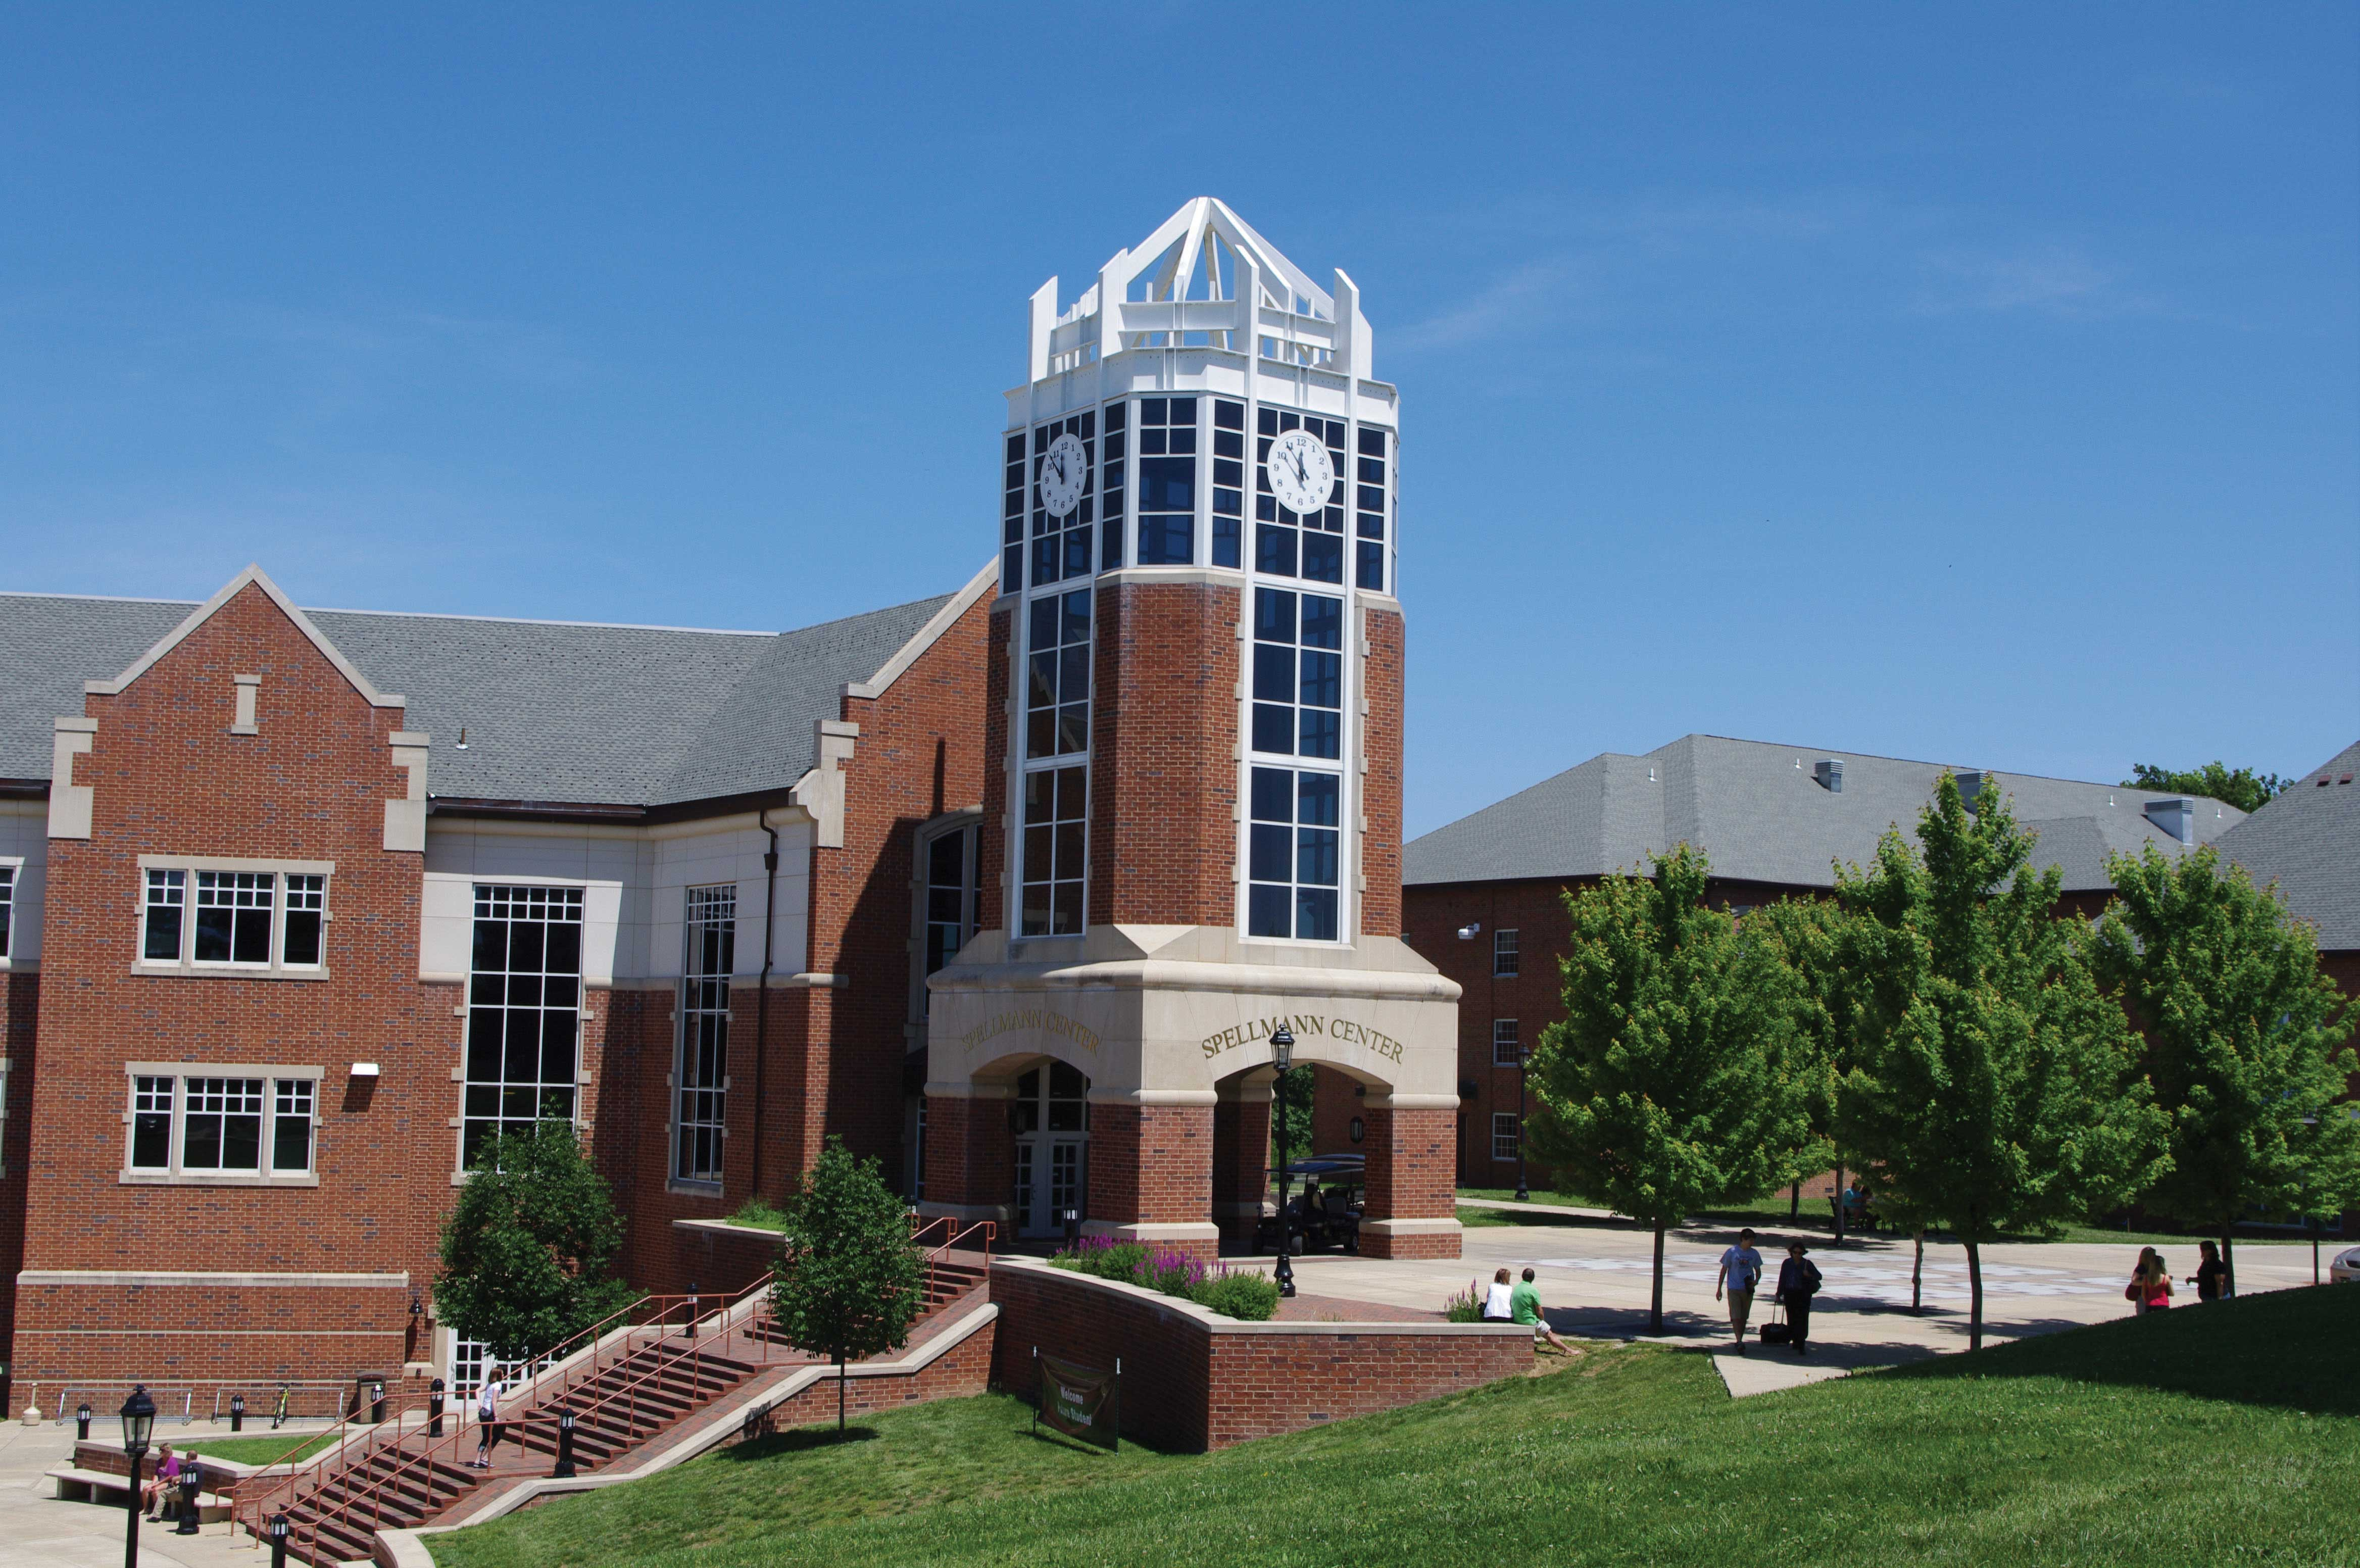 Lindenwood - Spellmann Center